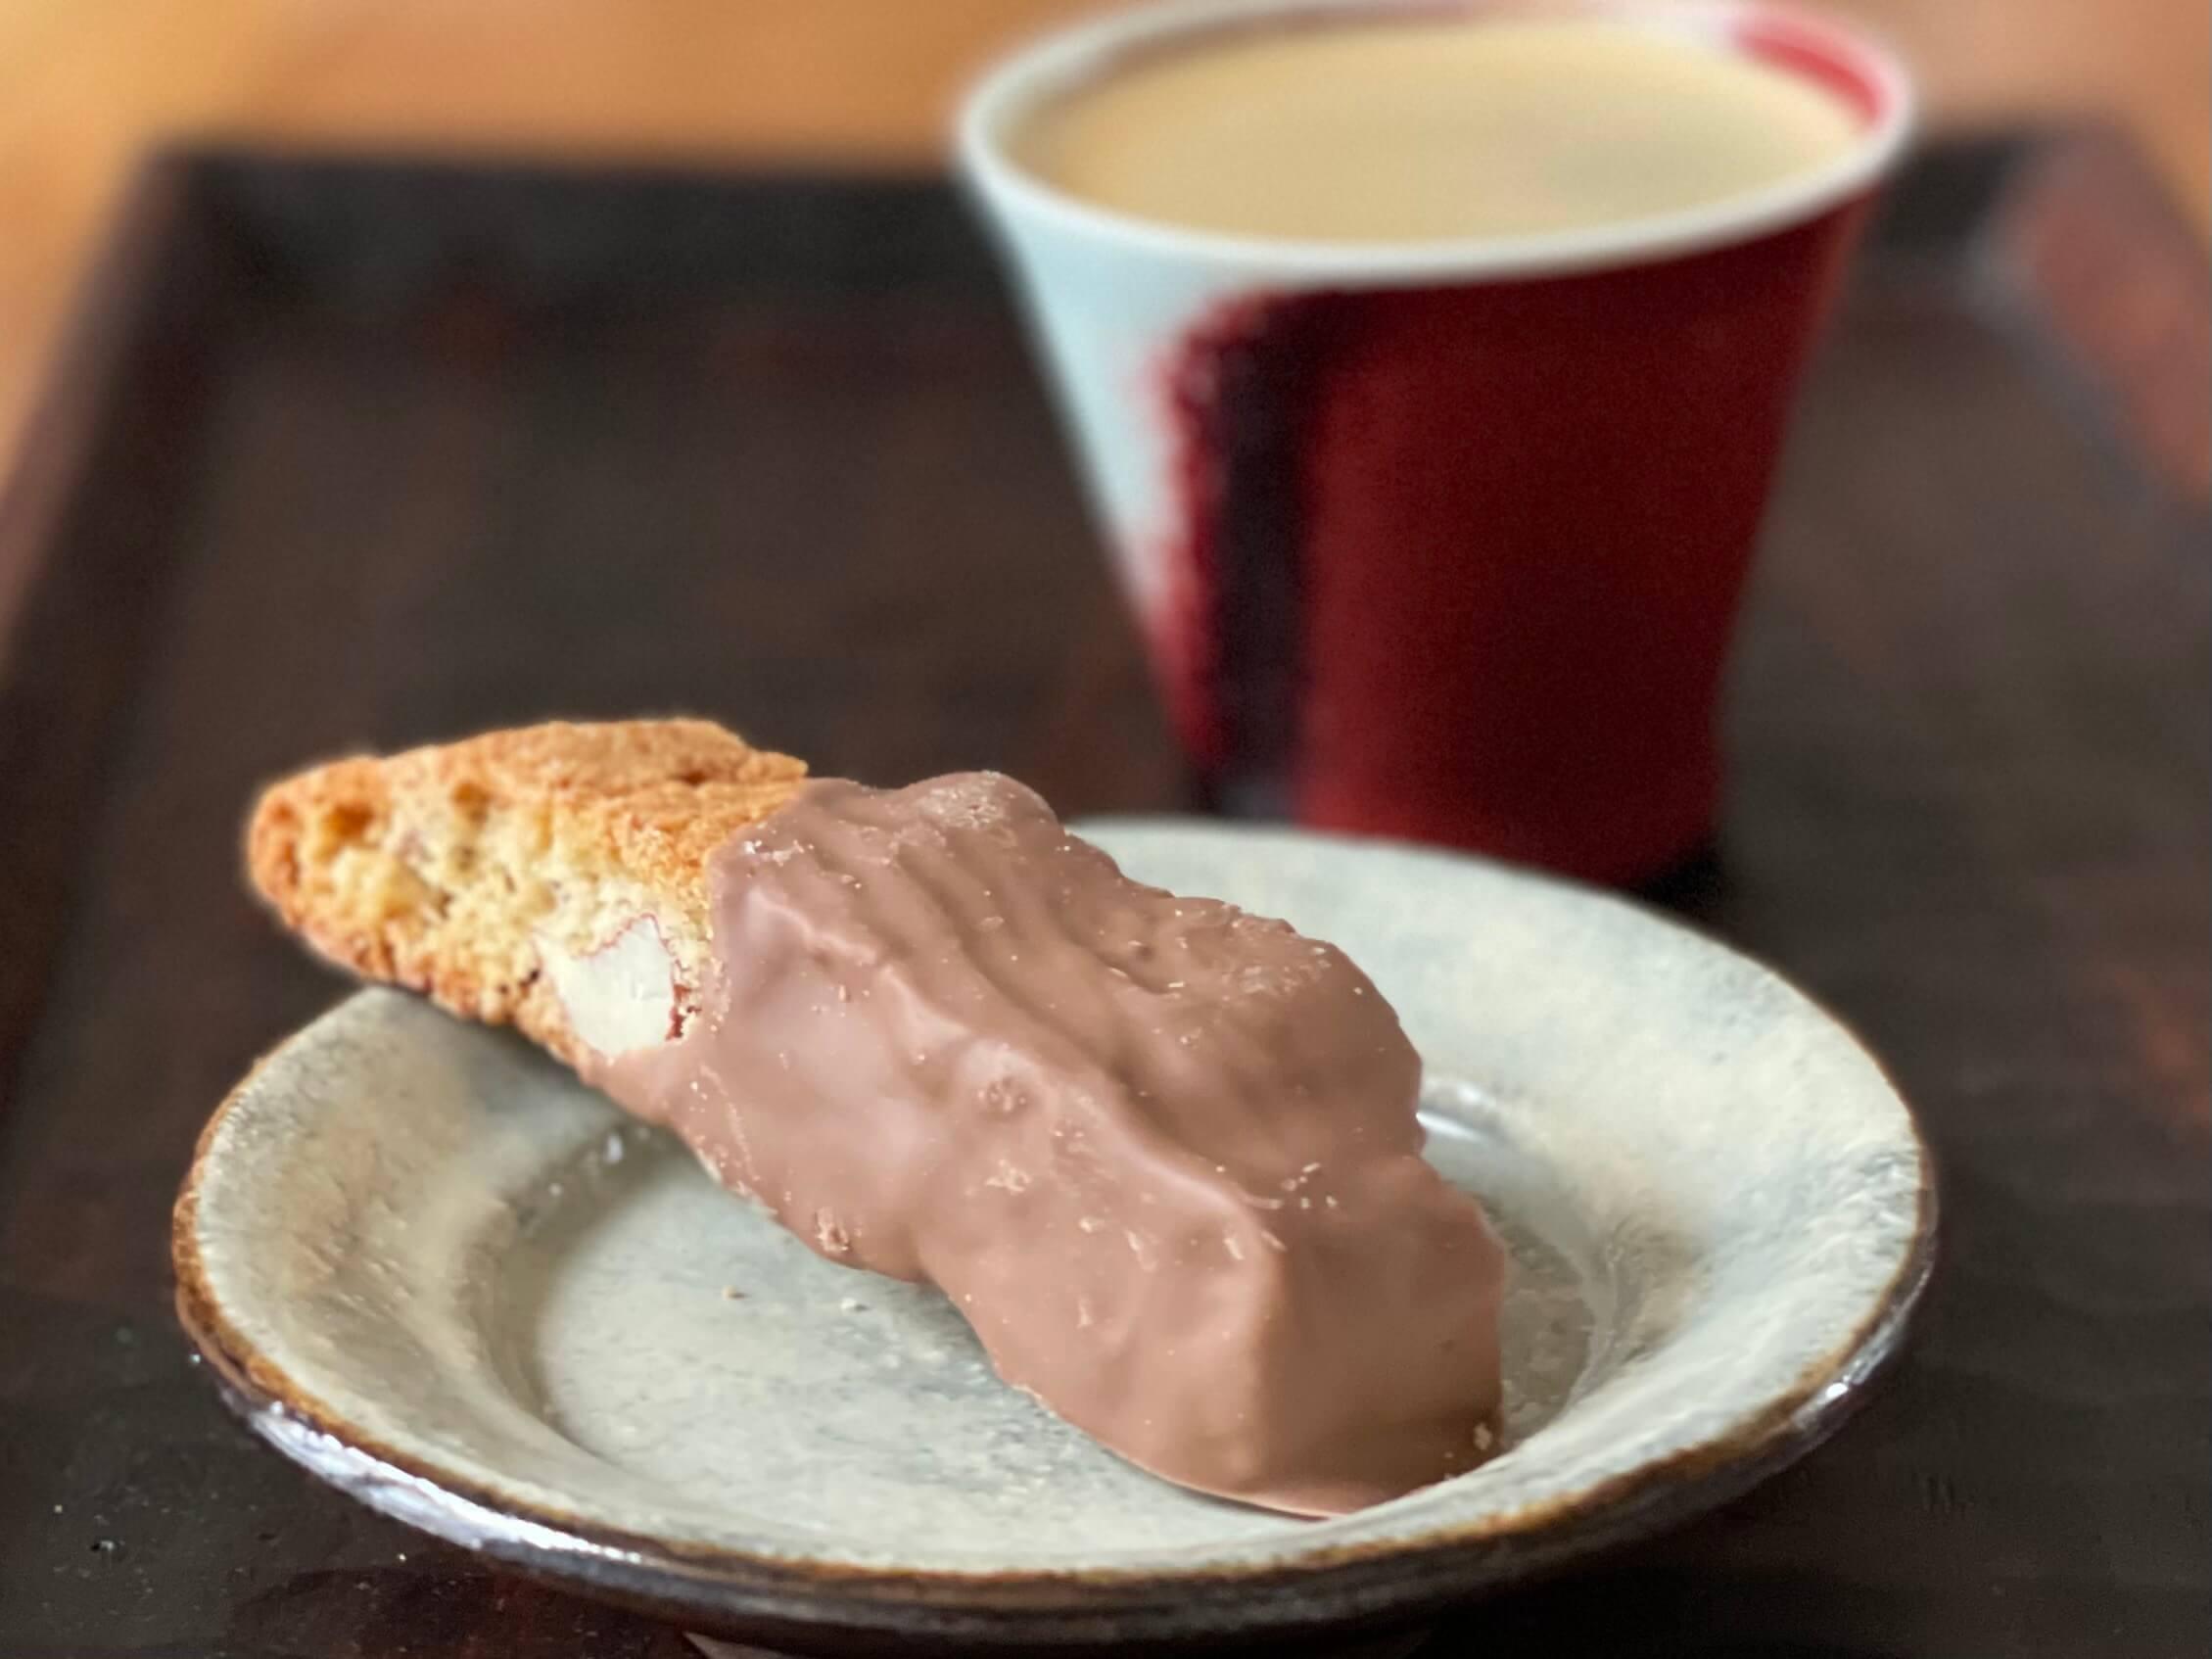 退屈日記「一日を豊かに彩る、コーヒータイム、最高のお供とは?」